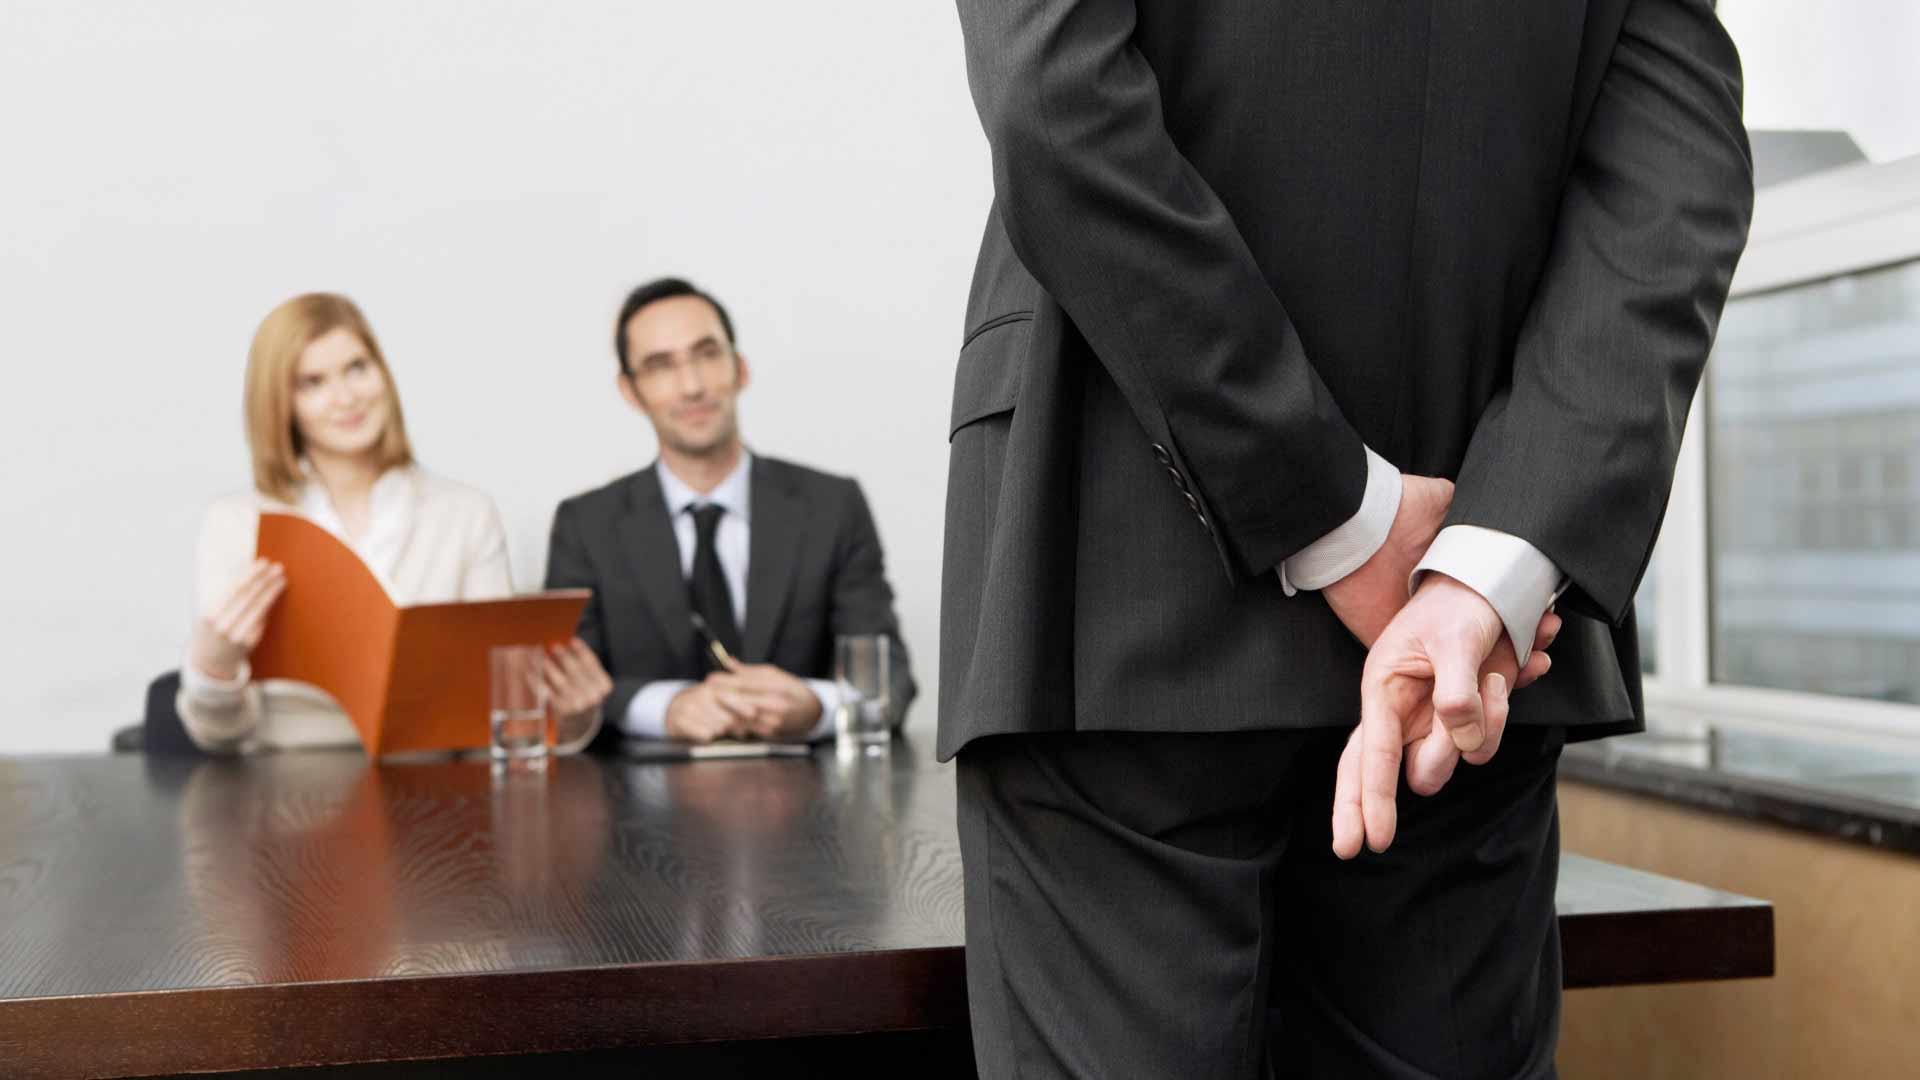 Вебинар: Эффективный поиск работы в сложных случаях